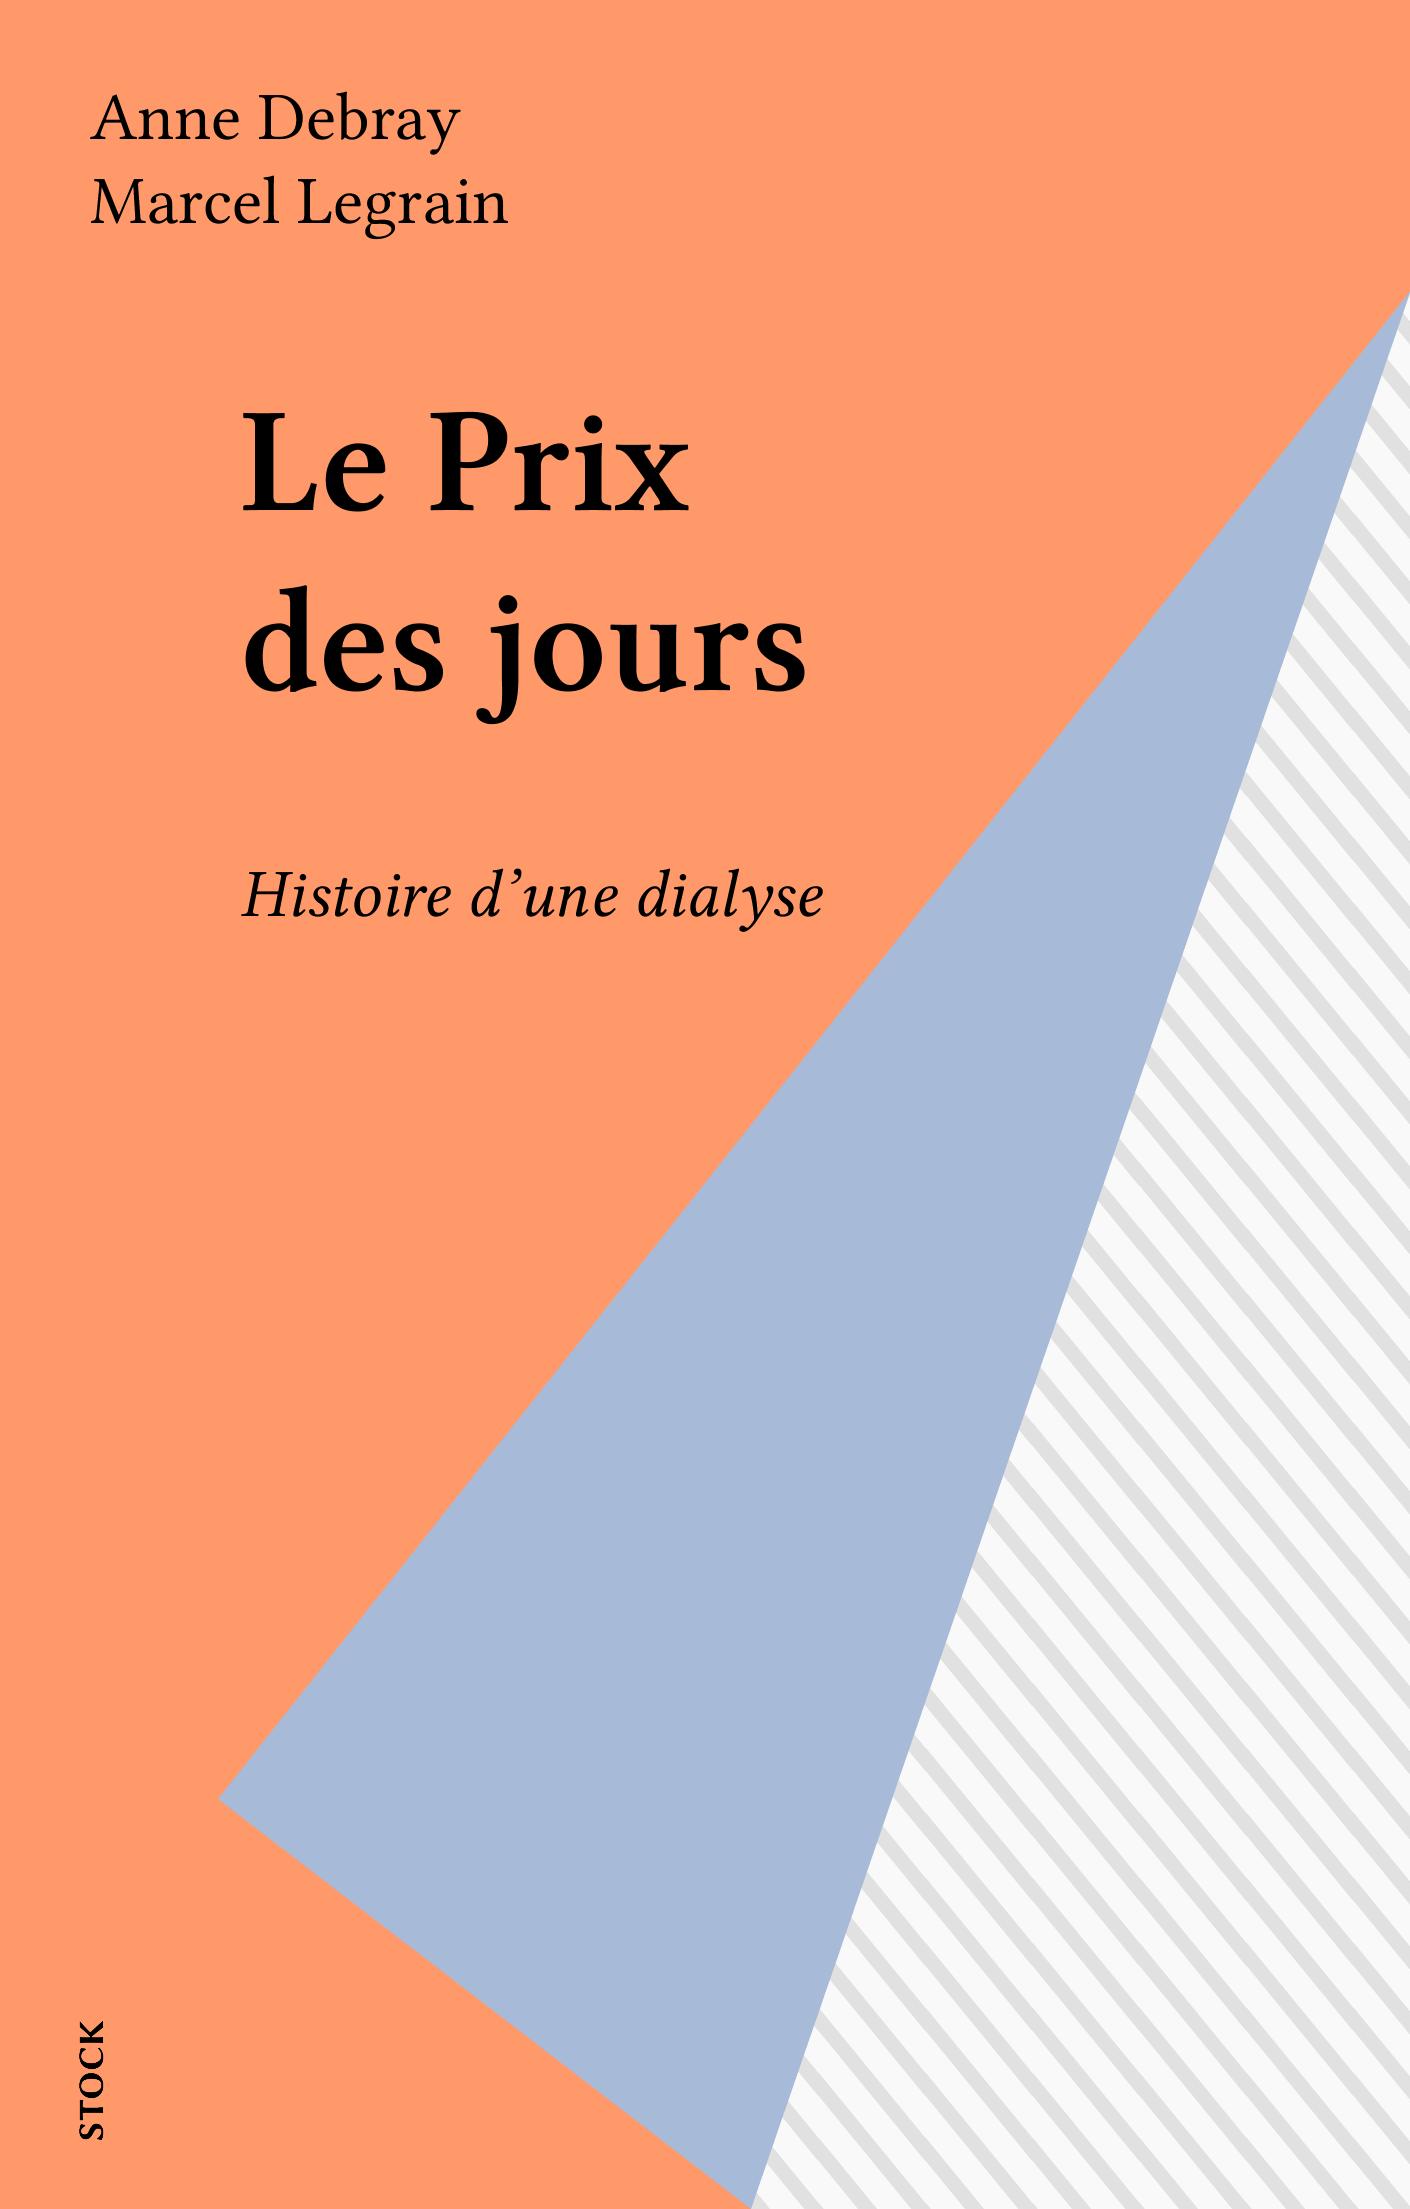 Le Prix des jours, HISTOIRE D'UNE DIALYSE